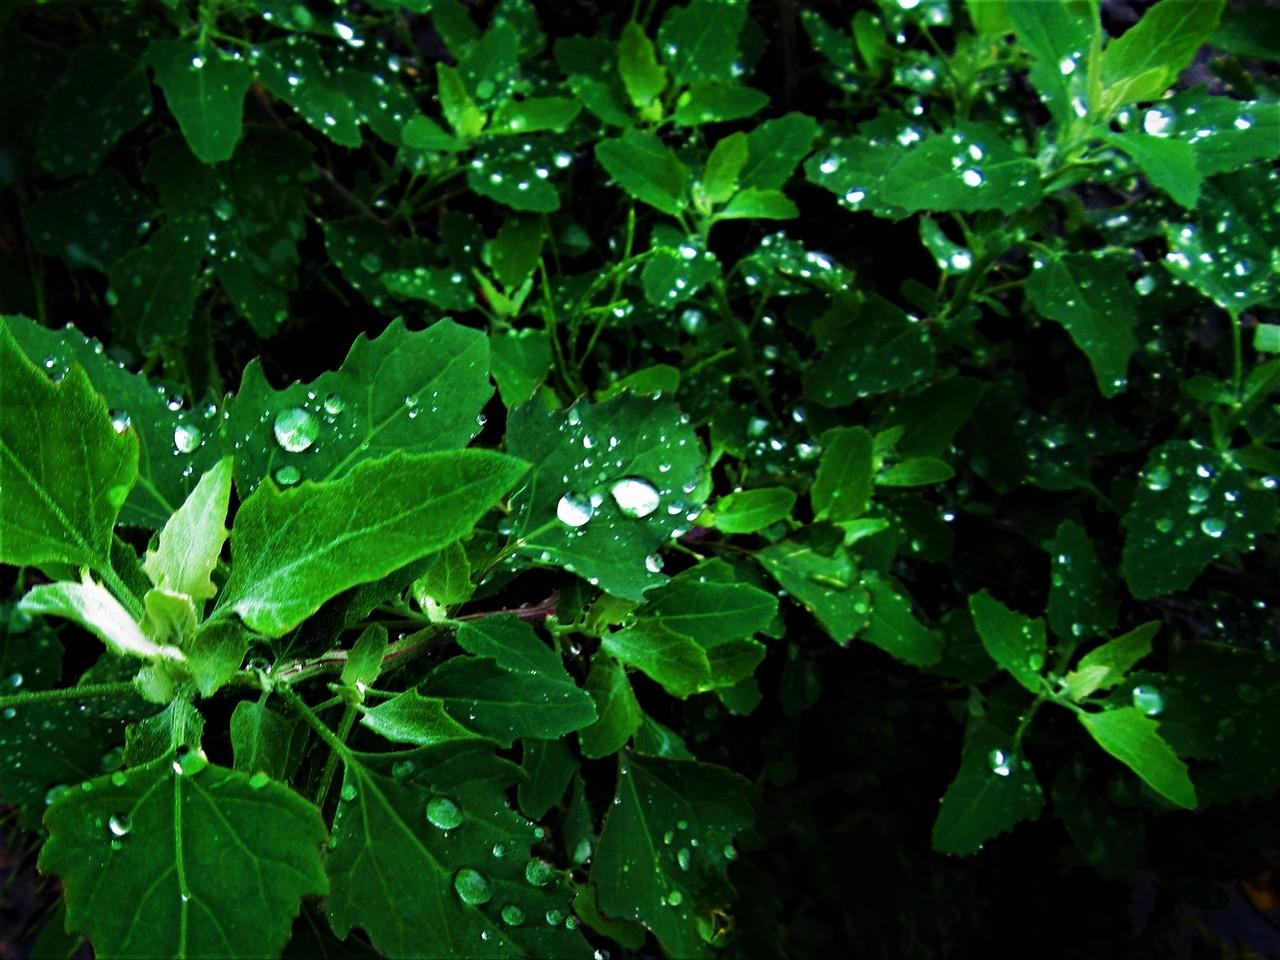 僕が勝手につけた名前。それは美しい水滴ホタル。輝きながら微笑みながら、やがてどこかへ消えてゆく。